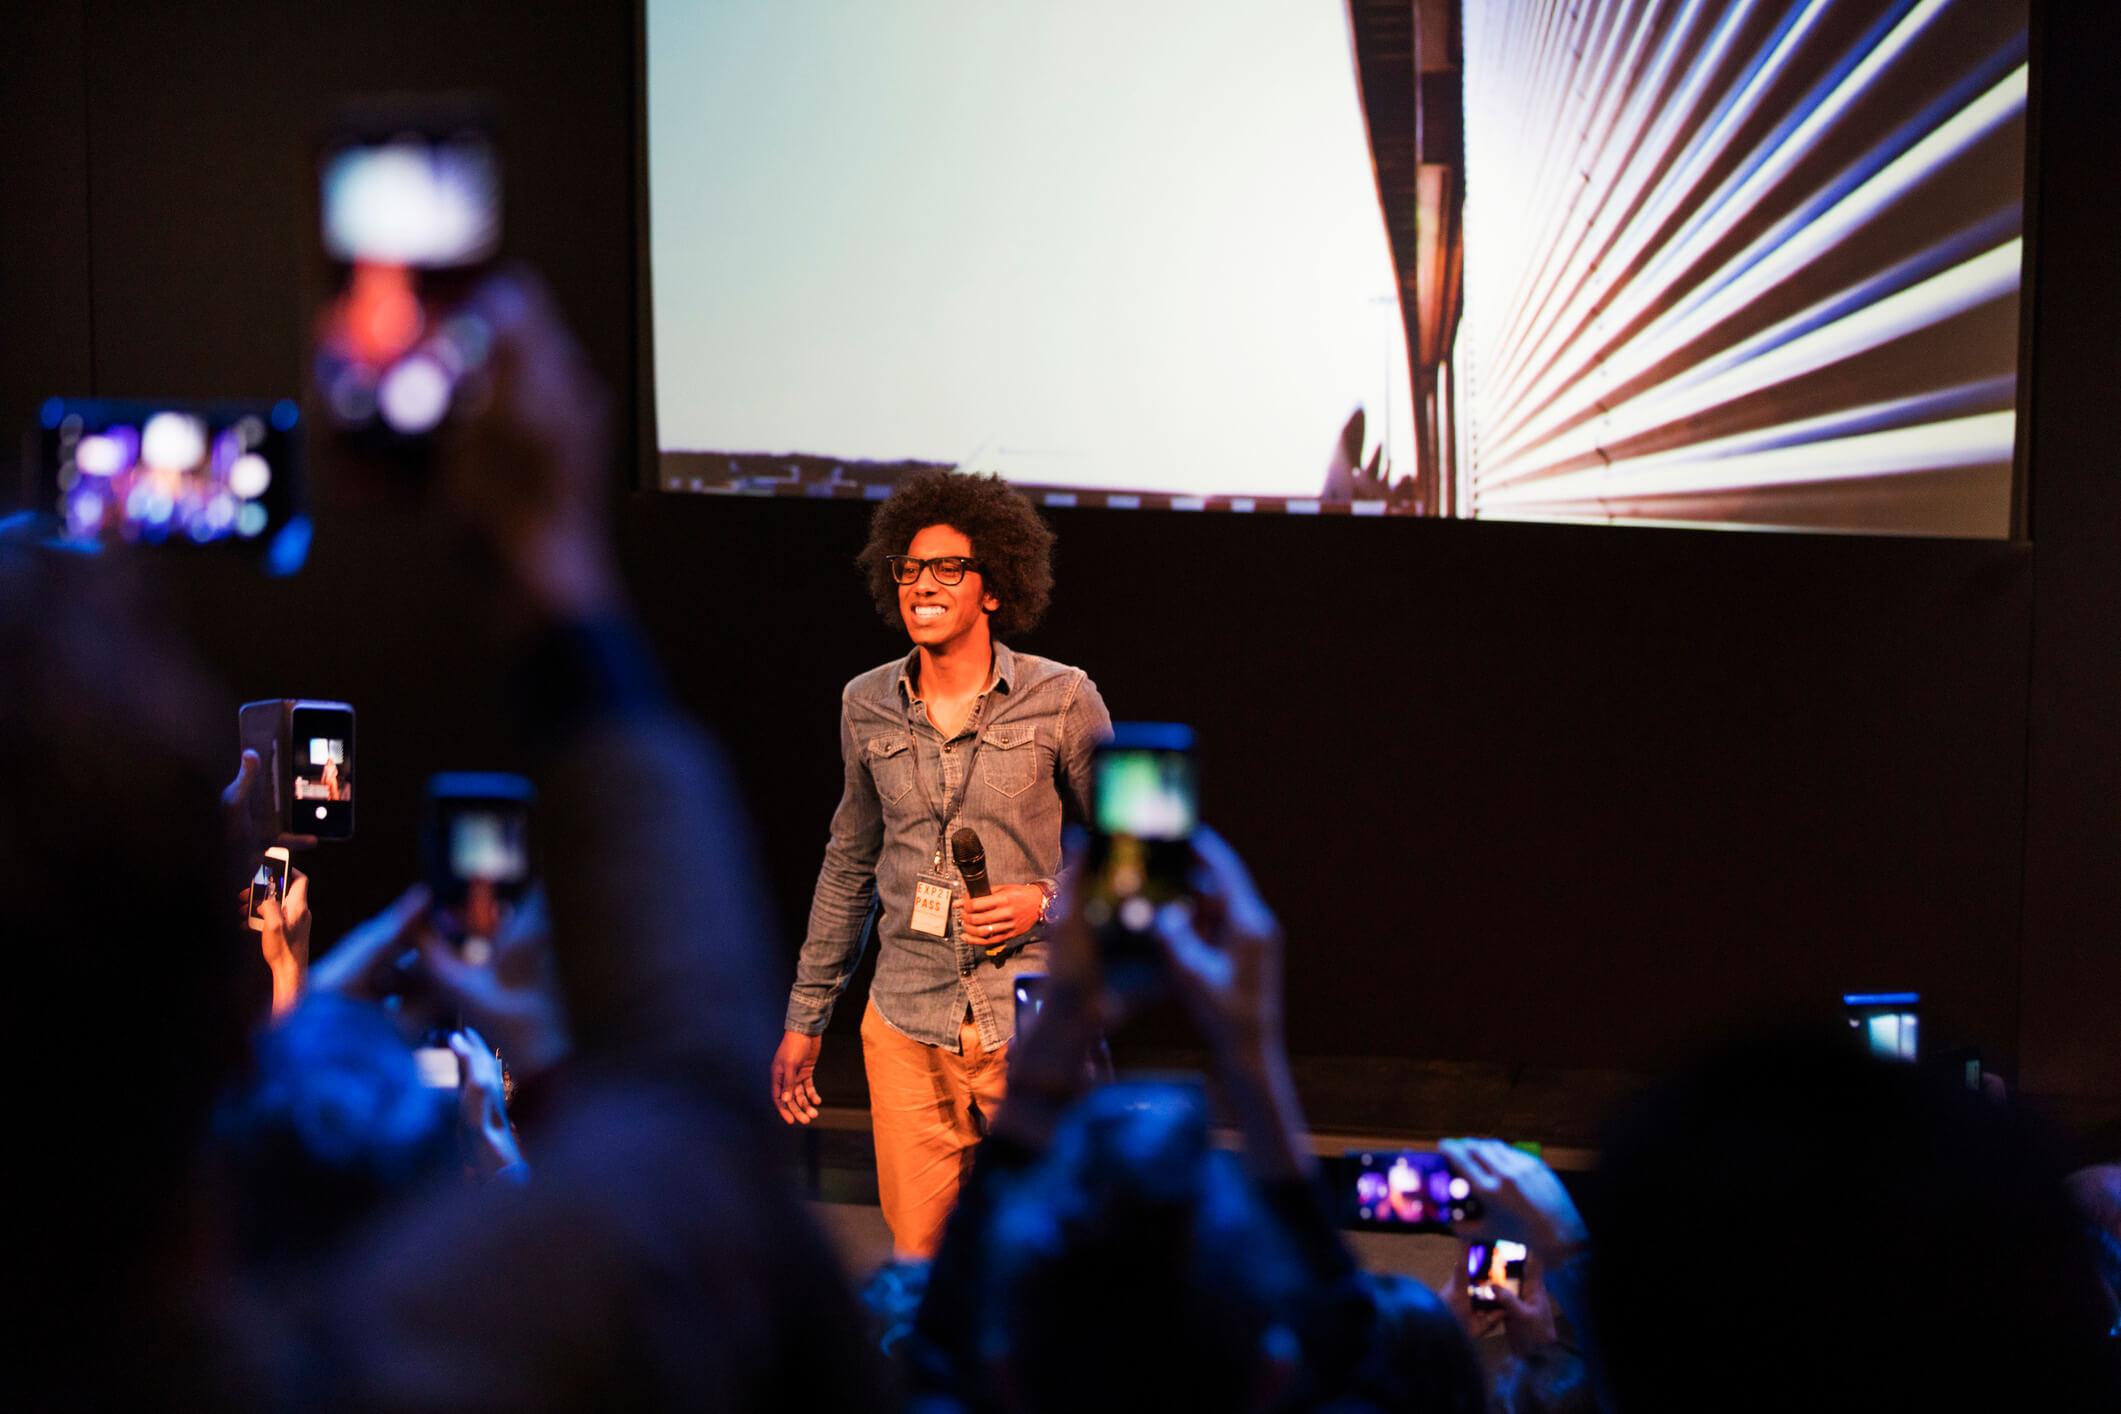 10º Filmworks Film Festival: saiba tudo sobre a próxima edição do evento!